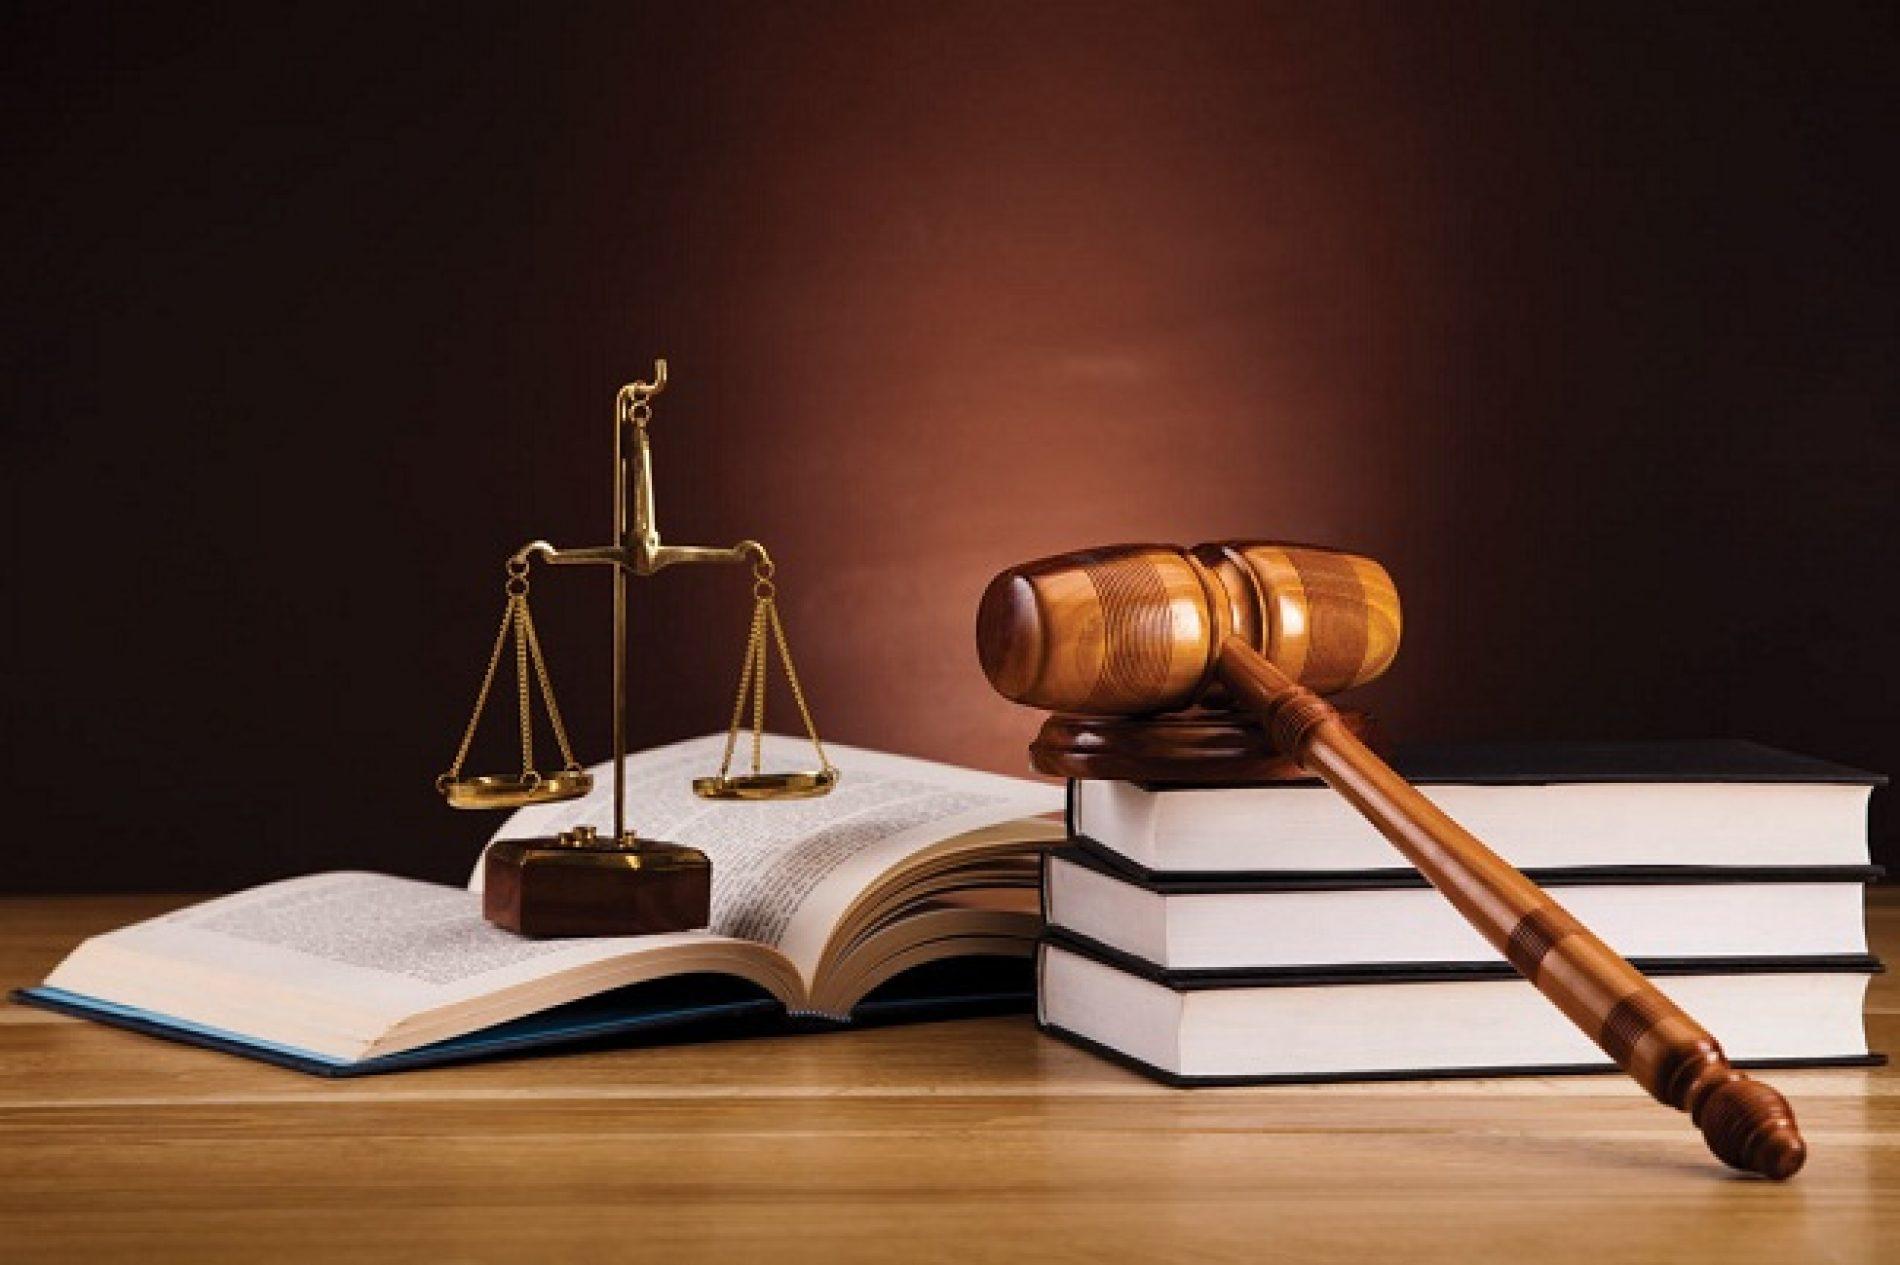 Hồ sơ pháp lý dự án chung cư theo luật định ? bạn đã biết chưa ?